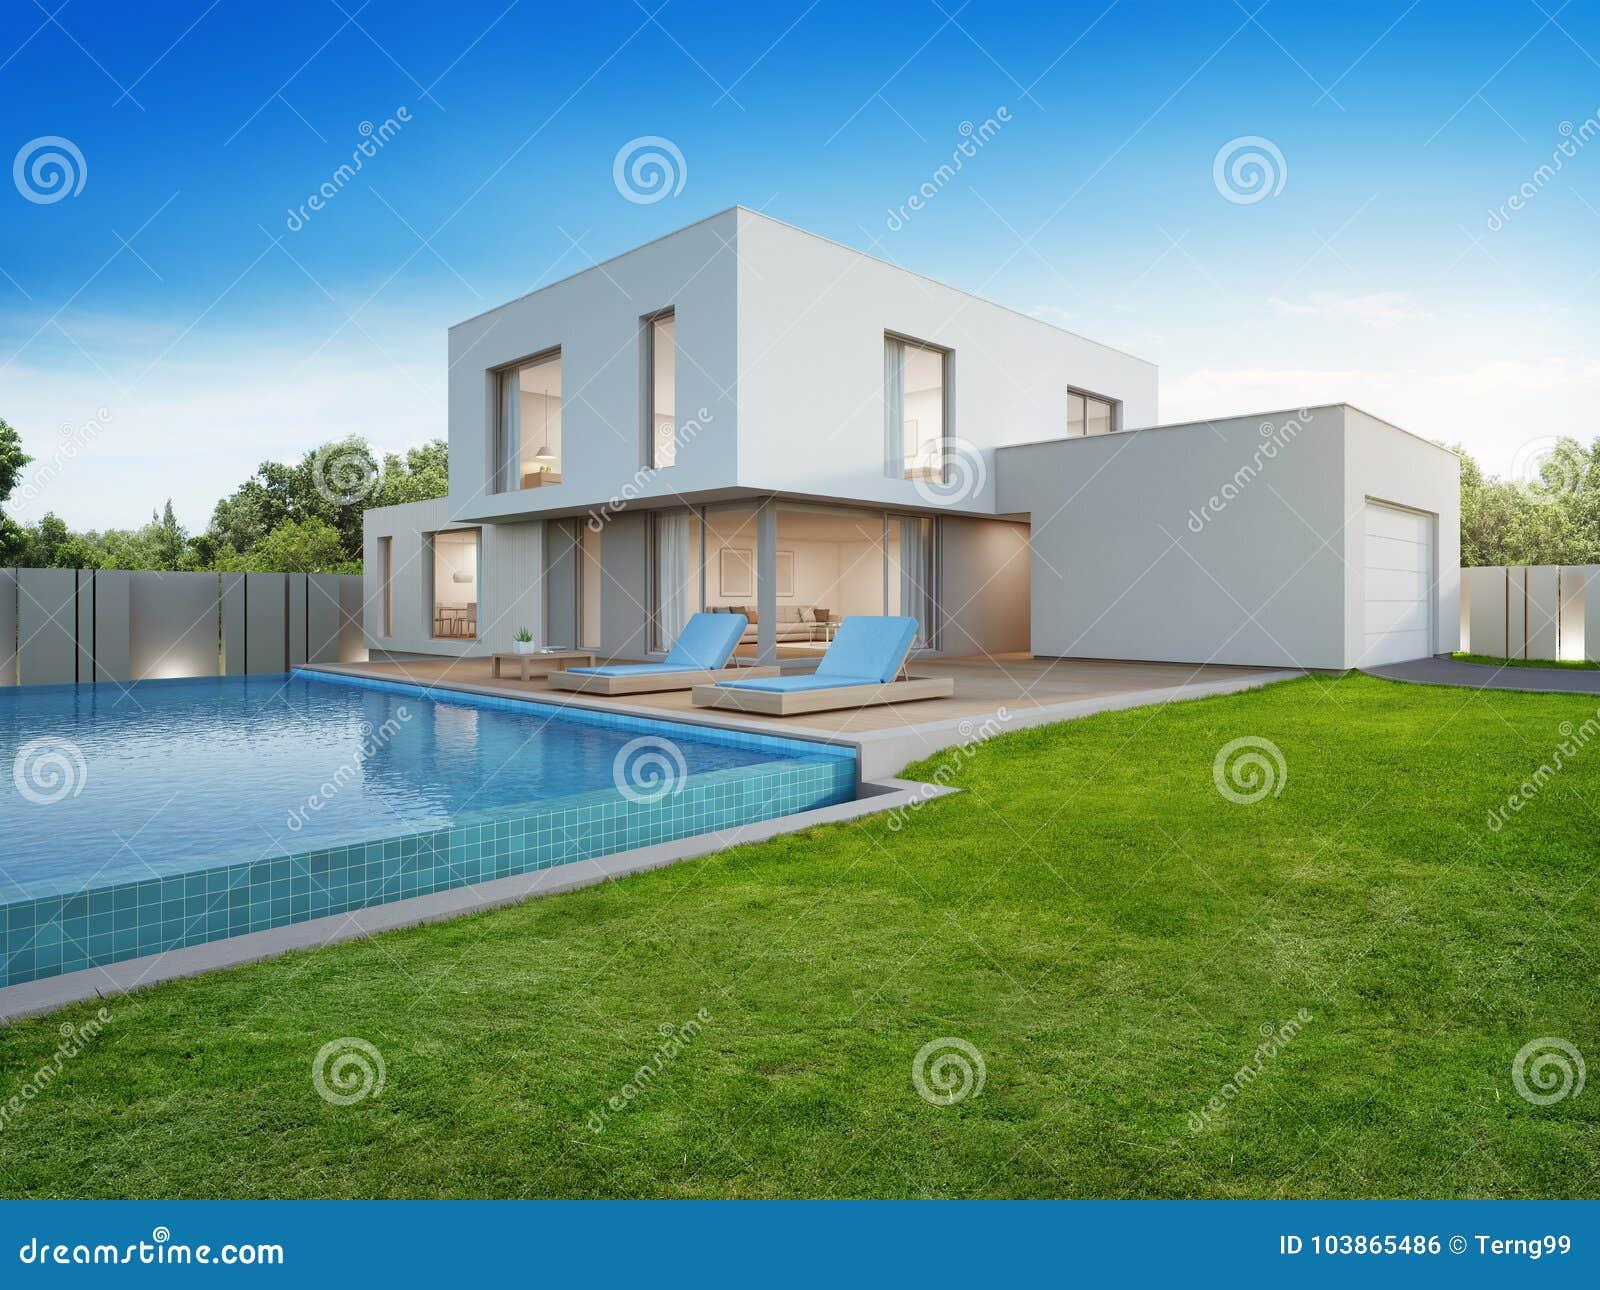 Luxushaus Mit Swimmingpool Und Terrasse Nahe Rasen Im ...